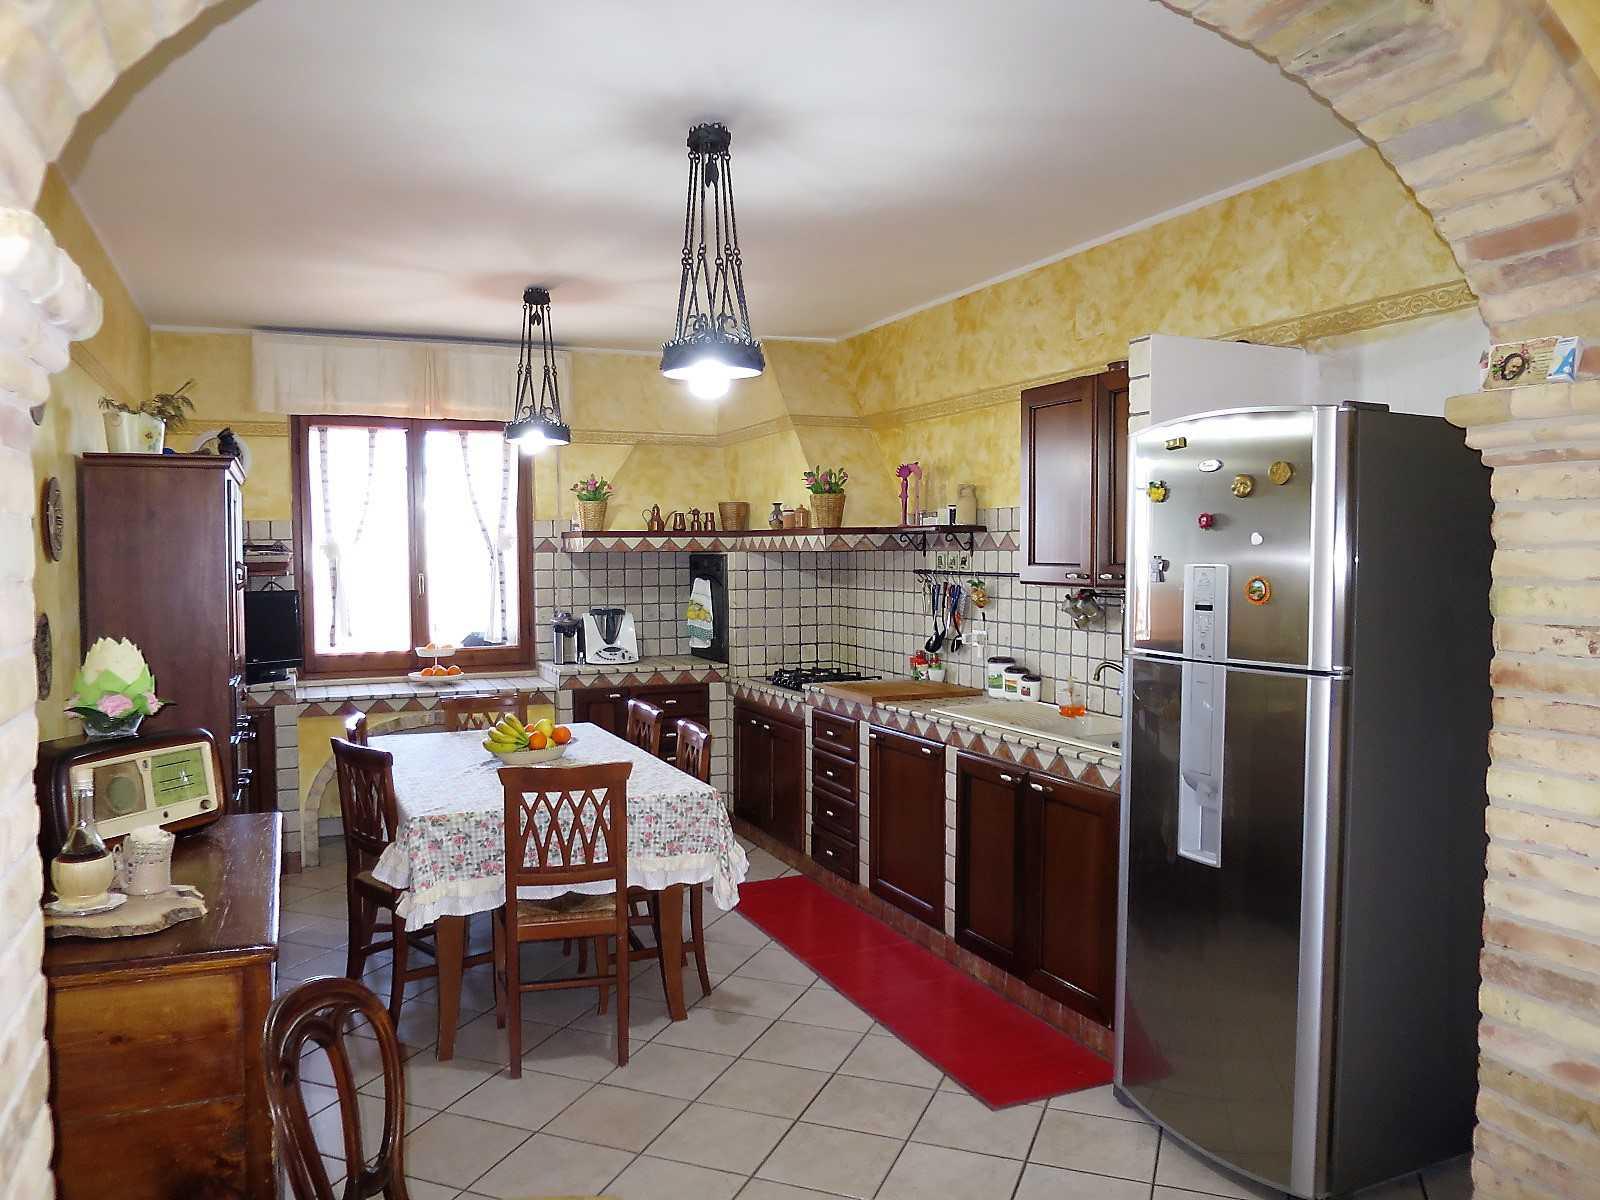 Villa Villa in vendita Notaresco (TE), Villa Vigneto - Notaresco - EUR 382.044 340